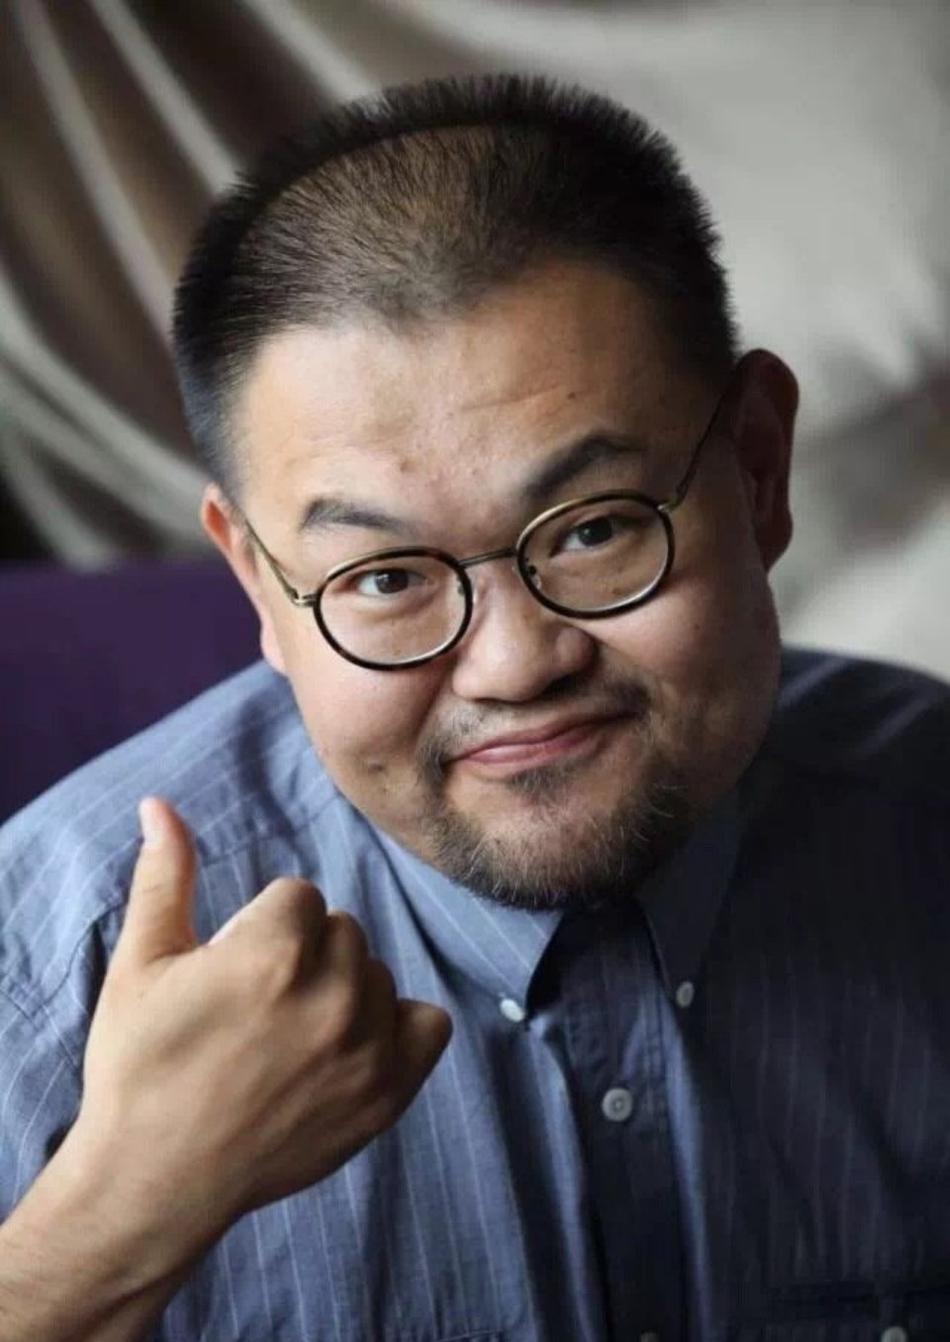 导演班赞因病去世 冯远征微博悼念